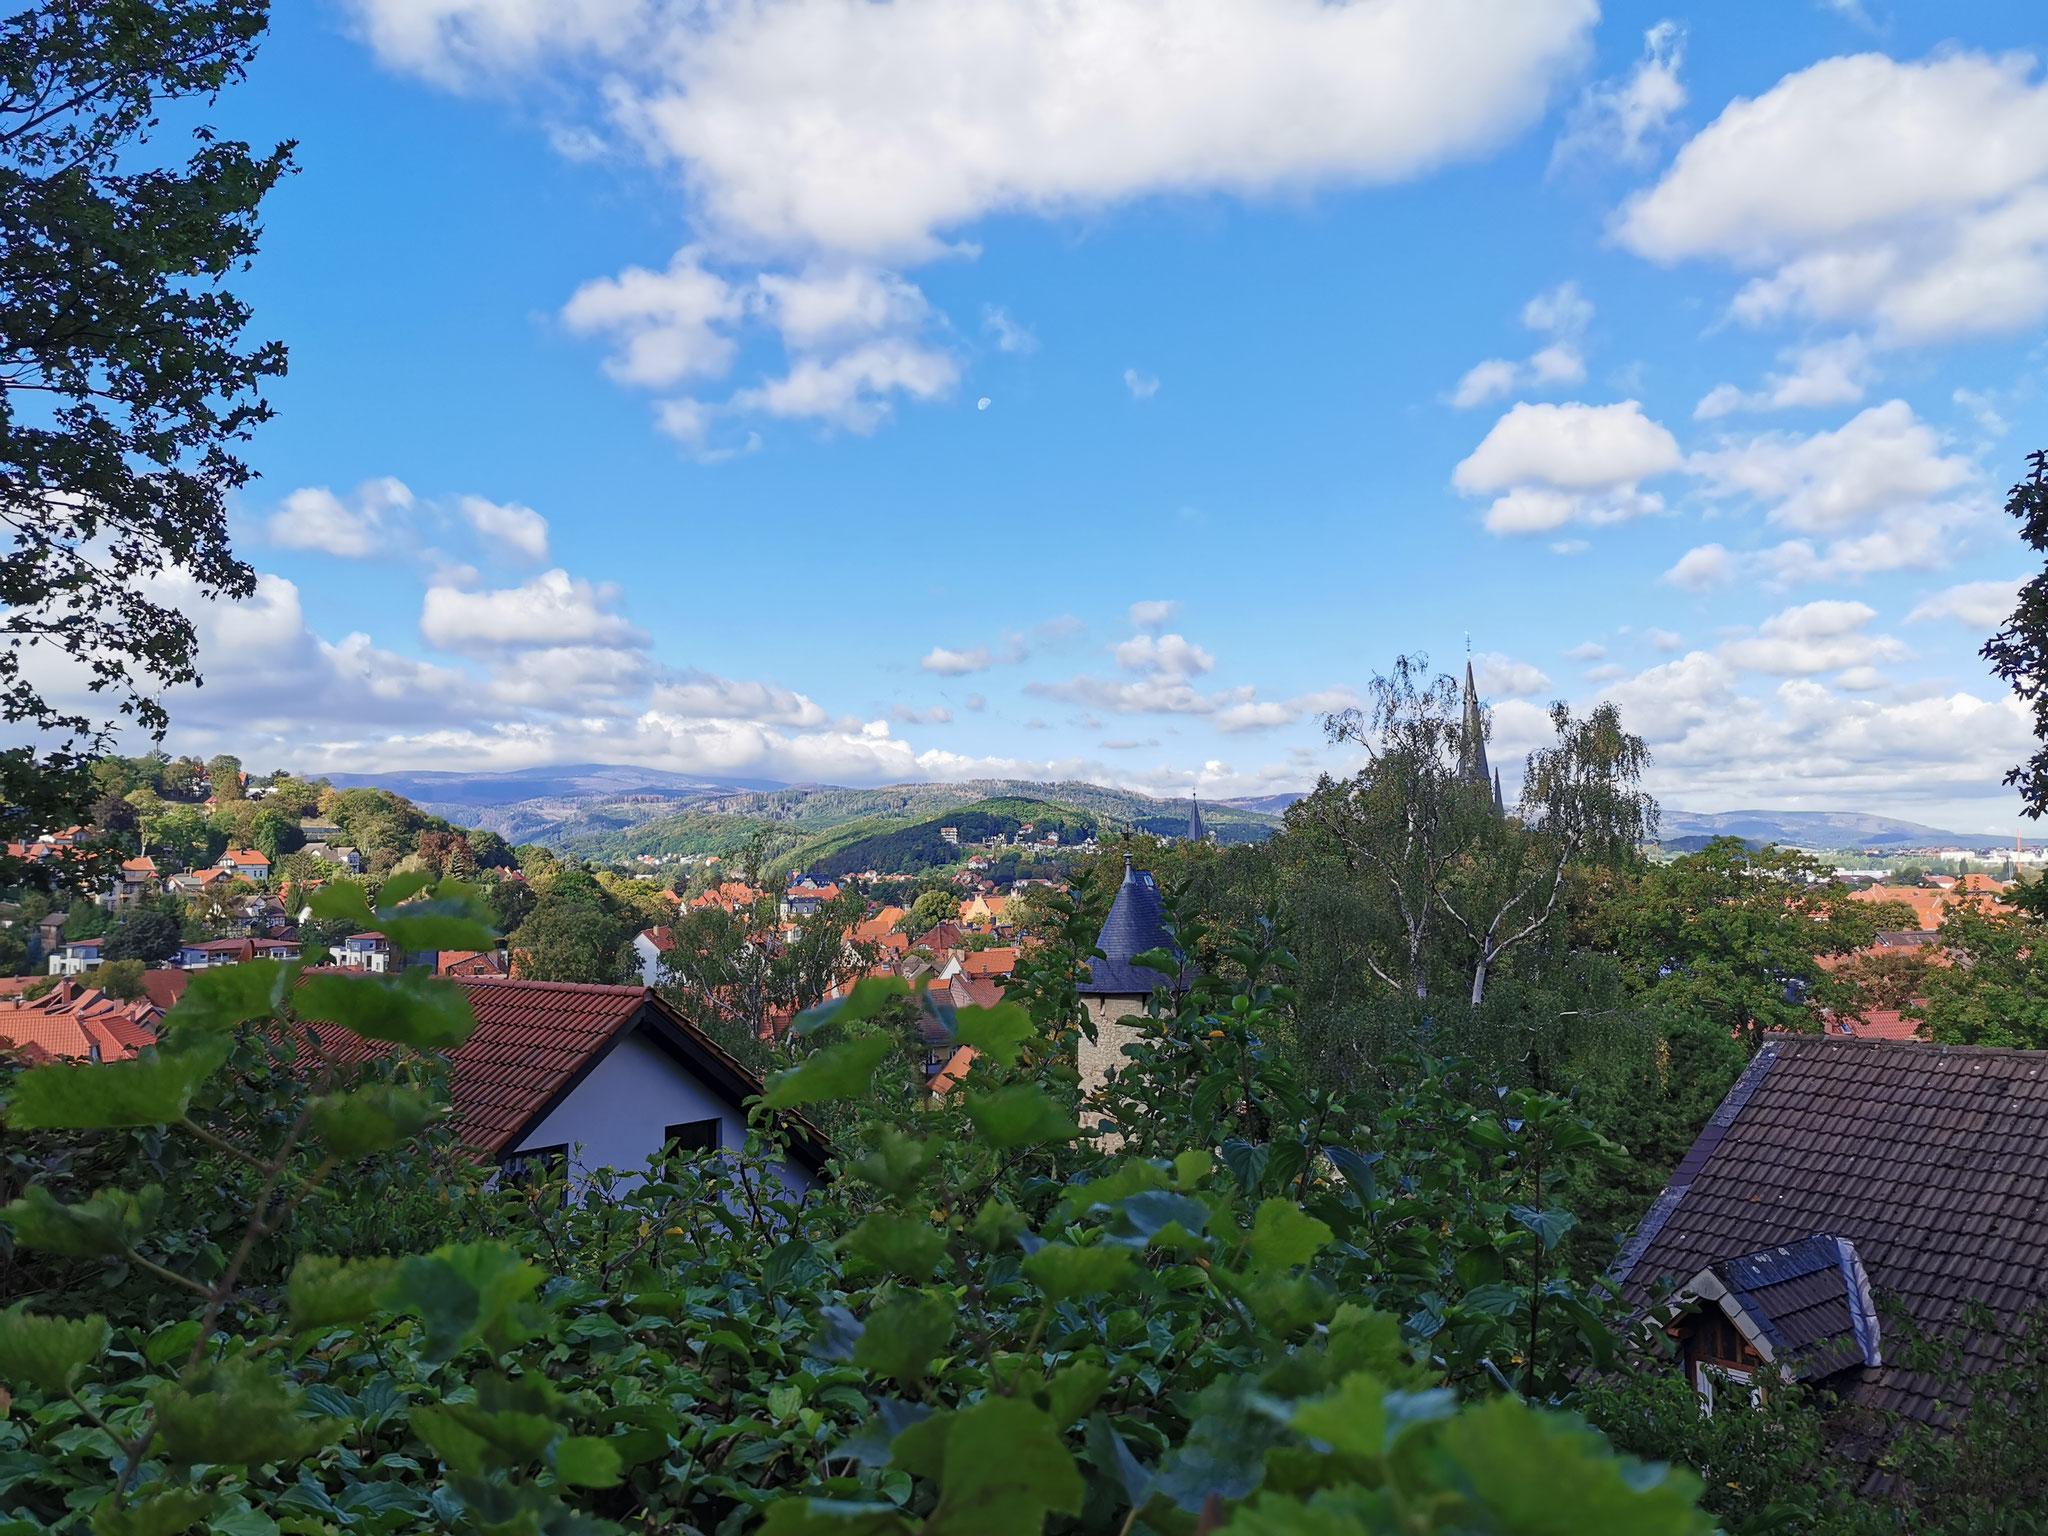 Blick von der Terrasse auf den Brocken